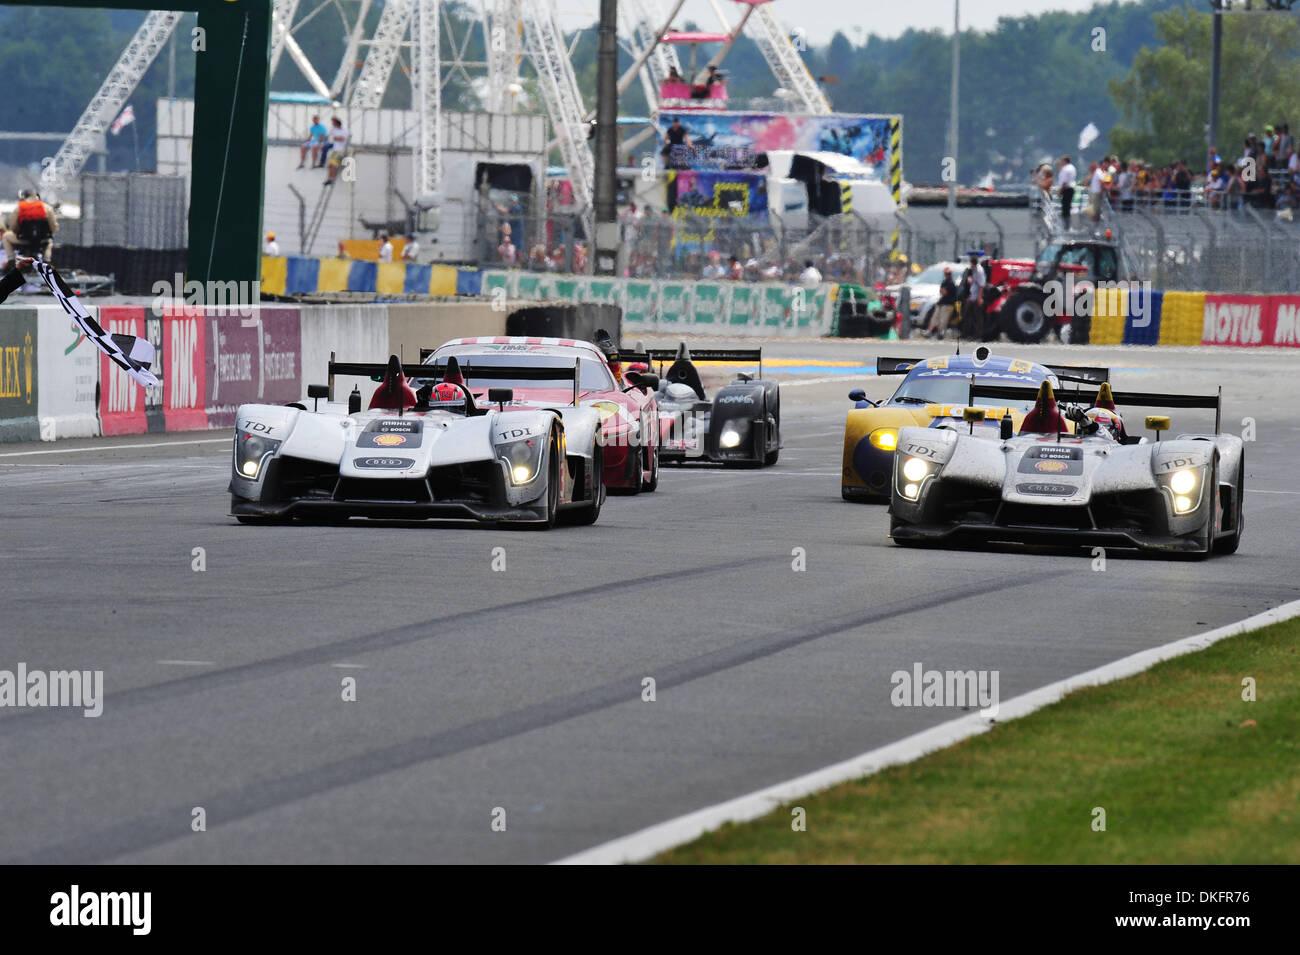 14. Juni 2009 - beenden Le Mans, Frankreich - die beiden verbleibenden Audi R15 die 24 Stunden von Le Mans, Sonntag, 14. Juni 2009, in Le Mans, Frankreich. (Kredit-Bild: © Rainier Ehrhardt/ZUMAPRESS.com) Stockbild